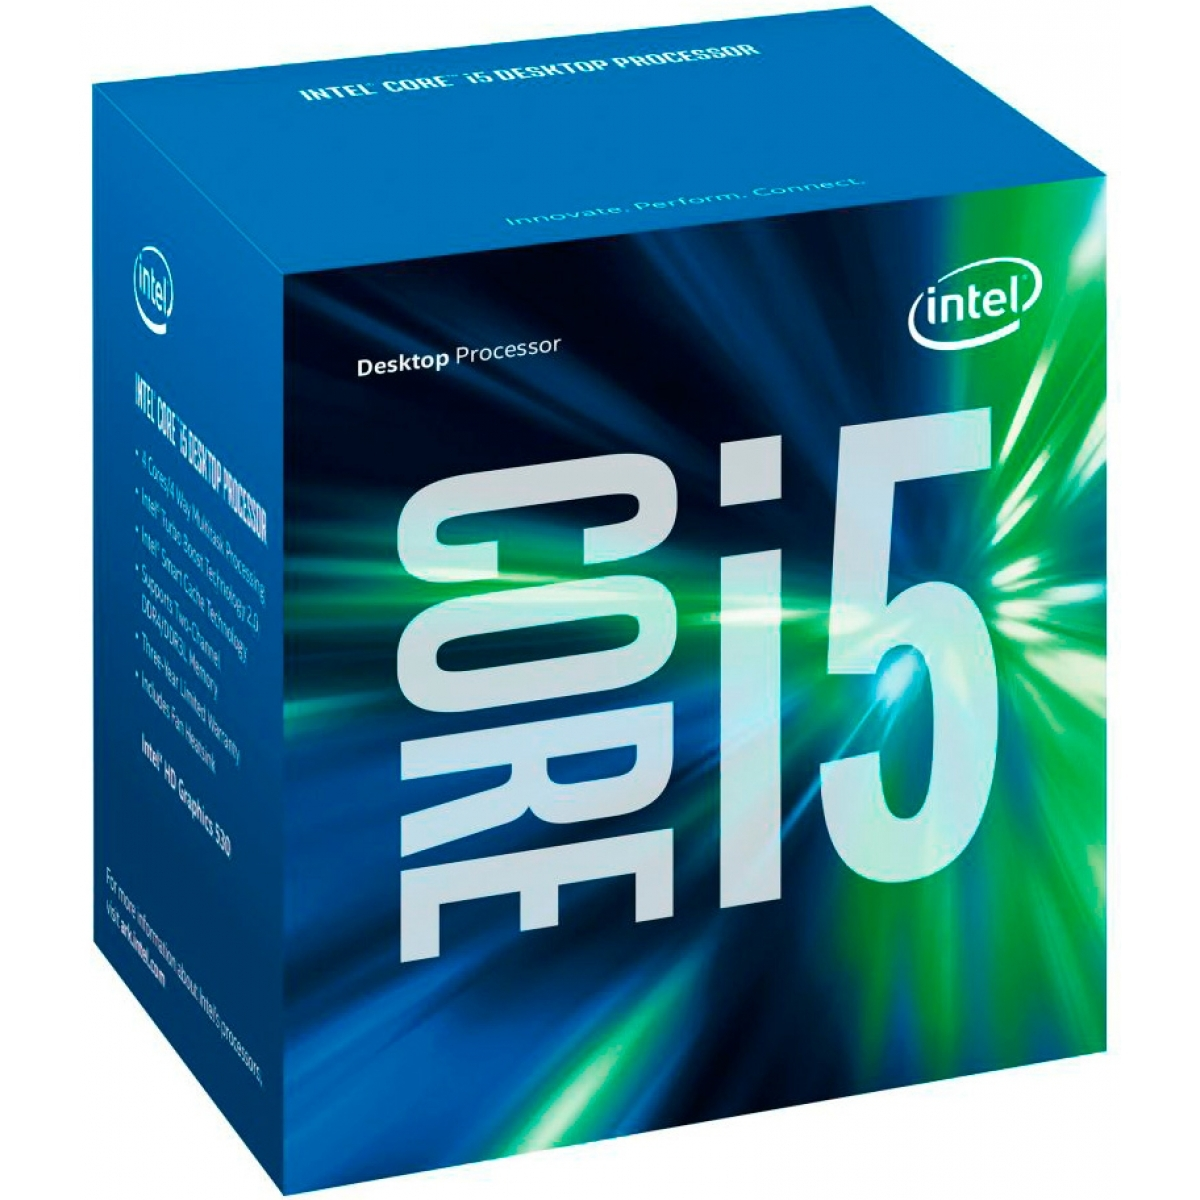 Processador Intel Core i5 7500 3.4GHz (3.8GHz Turbo), 7ª Geração, 4-Core 4-Thread, LGA 1151, BX80677I57500